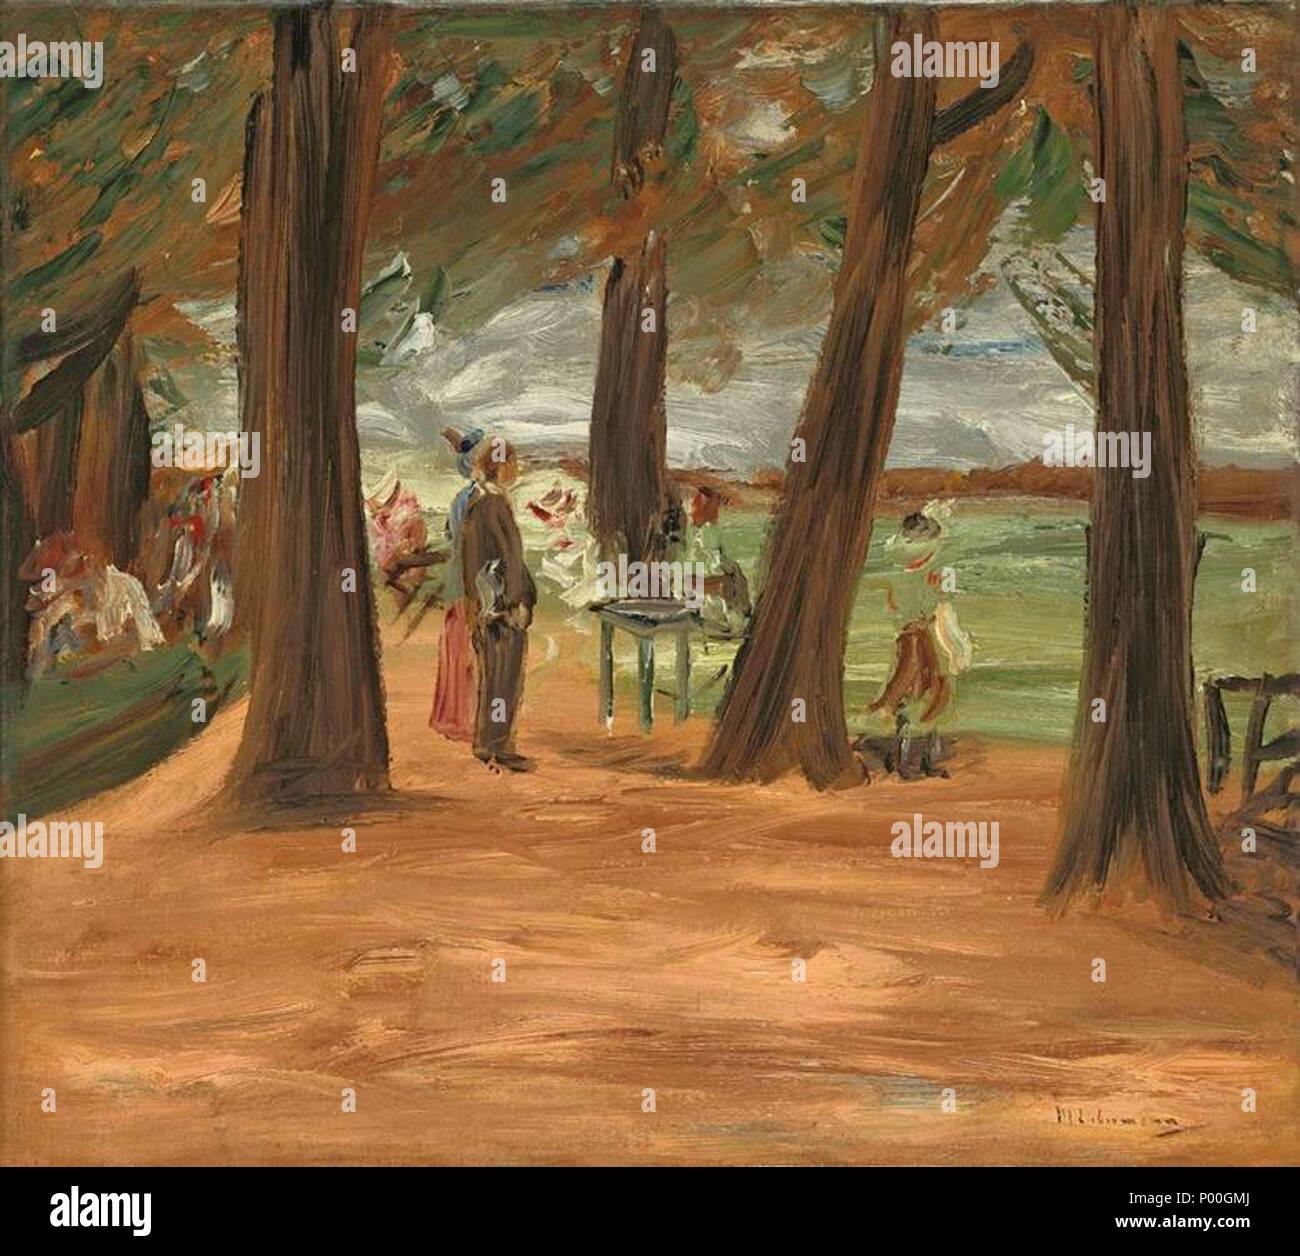 """. """"Biergarten - Restaurationsgarten"""". 1900. Öl auf Leinwand. Doubliert. 46 x 51 cm. Unten rechts signiert: M Liebermann.  . 1900 70 Max Liebermann Biergarten - Stock Image"""